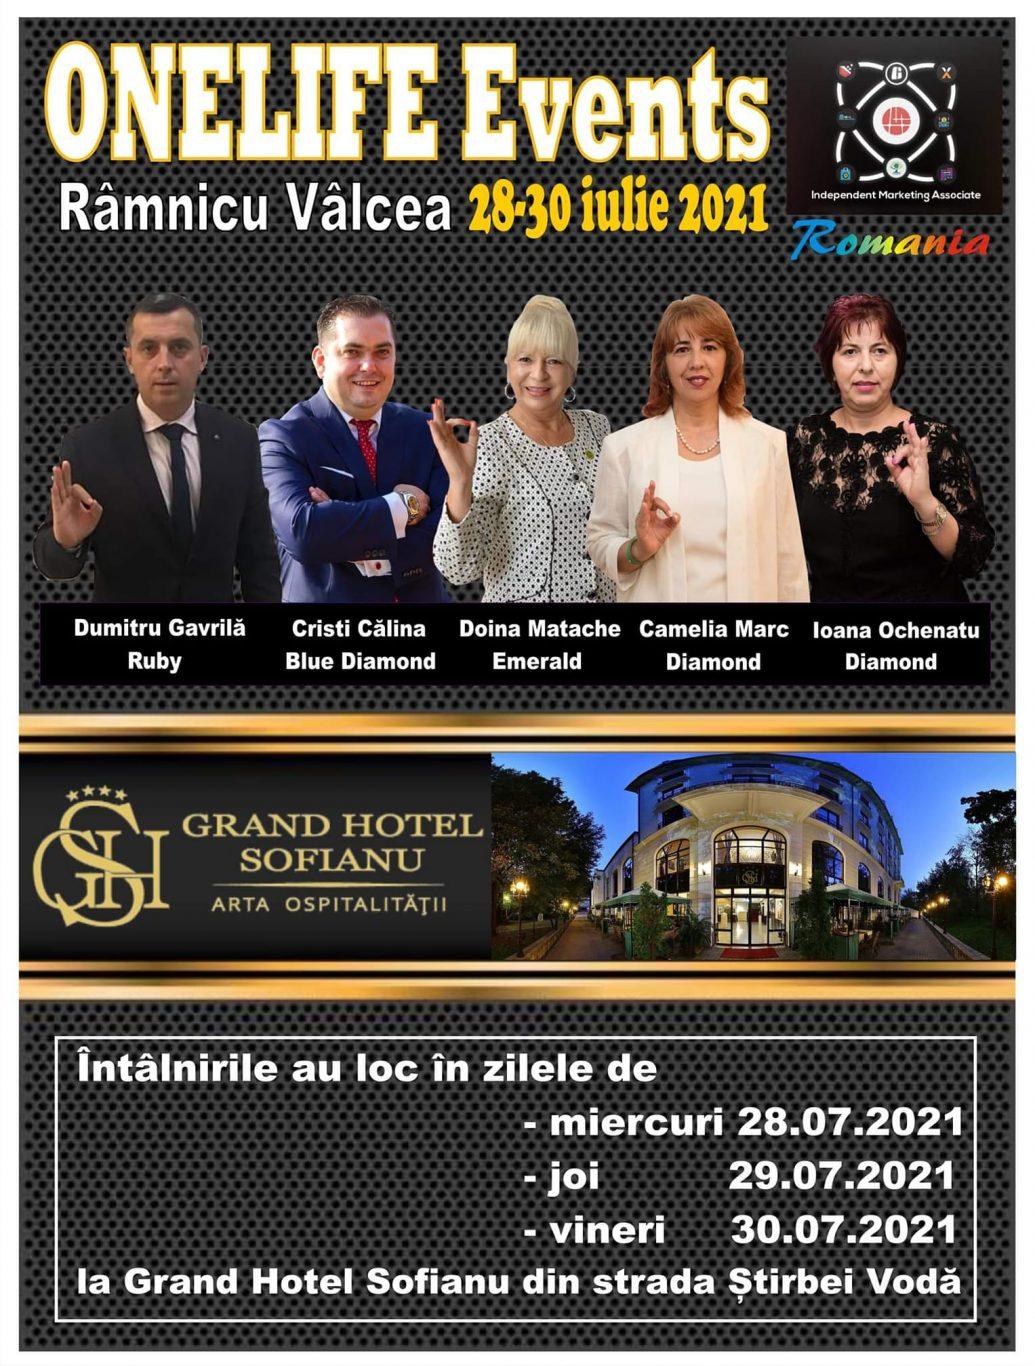 OneLife Events. Echipa OneLife România, la Râmnicu Vâlcea și Iași 225372686 2877860145862982 2937651521615752791 n